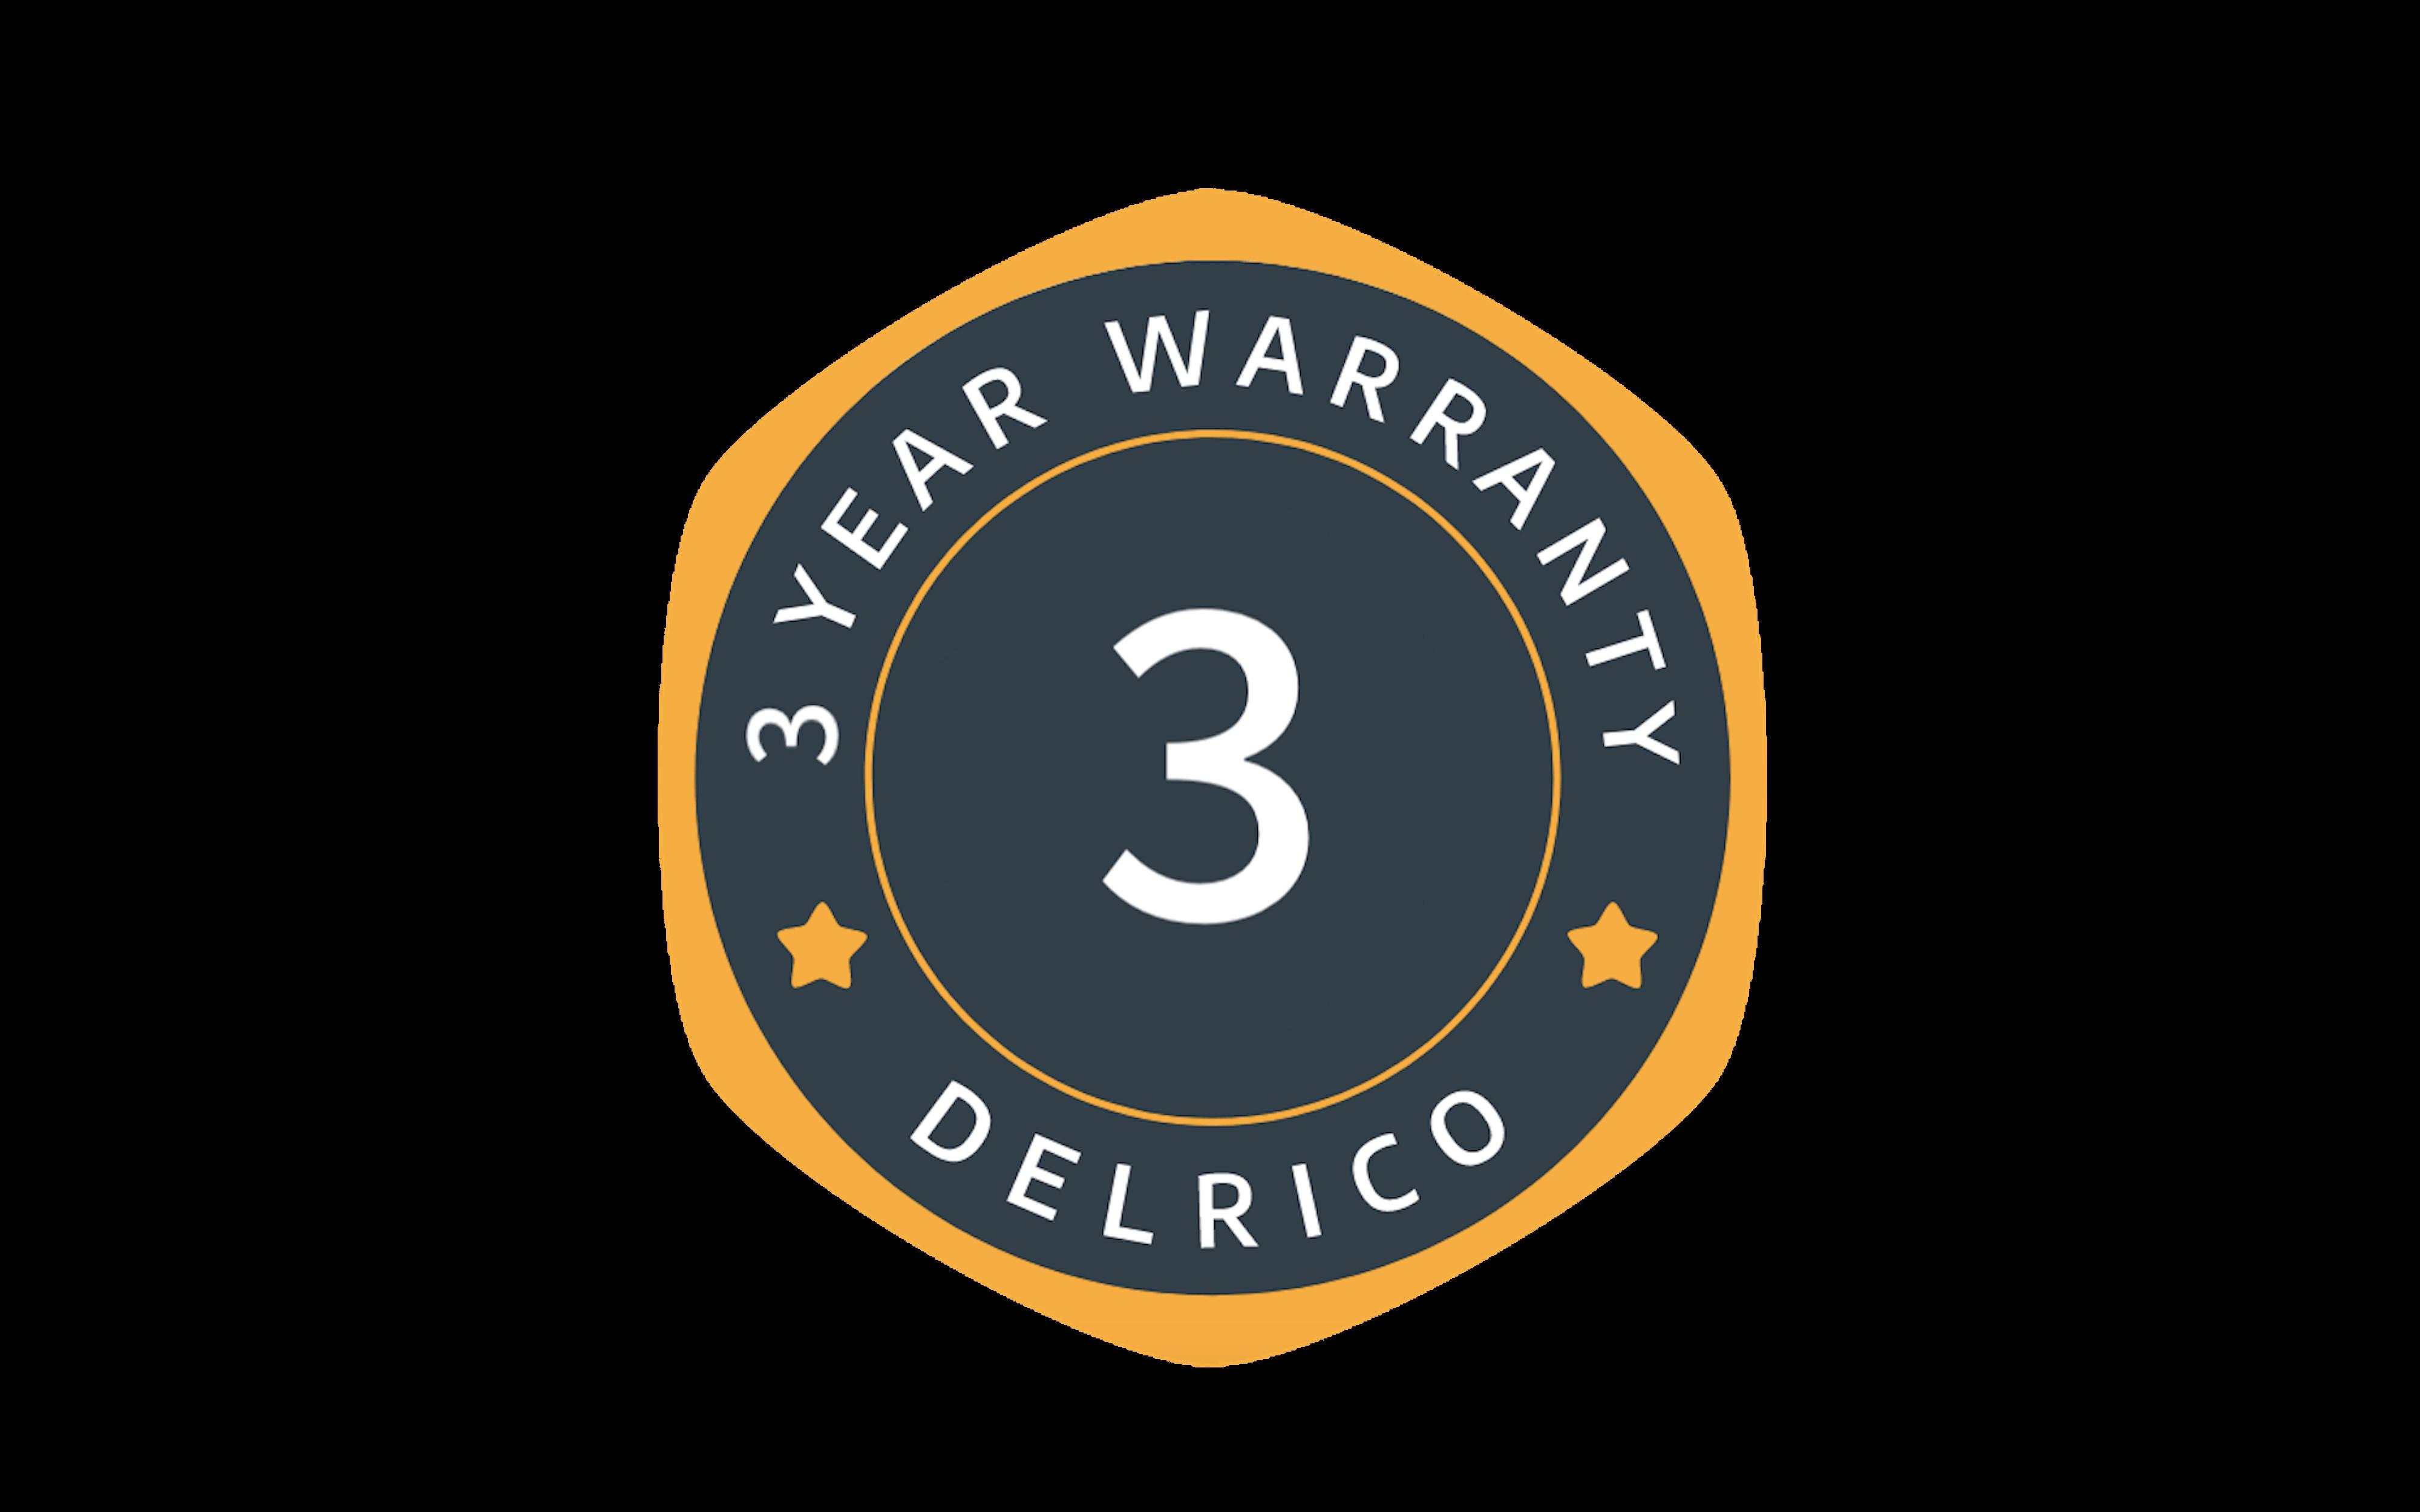 4 year delrico warranty